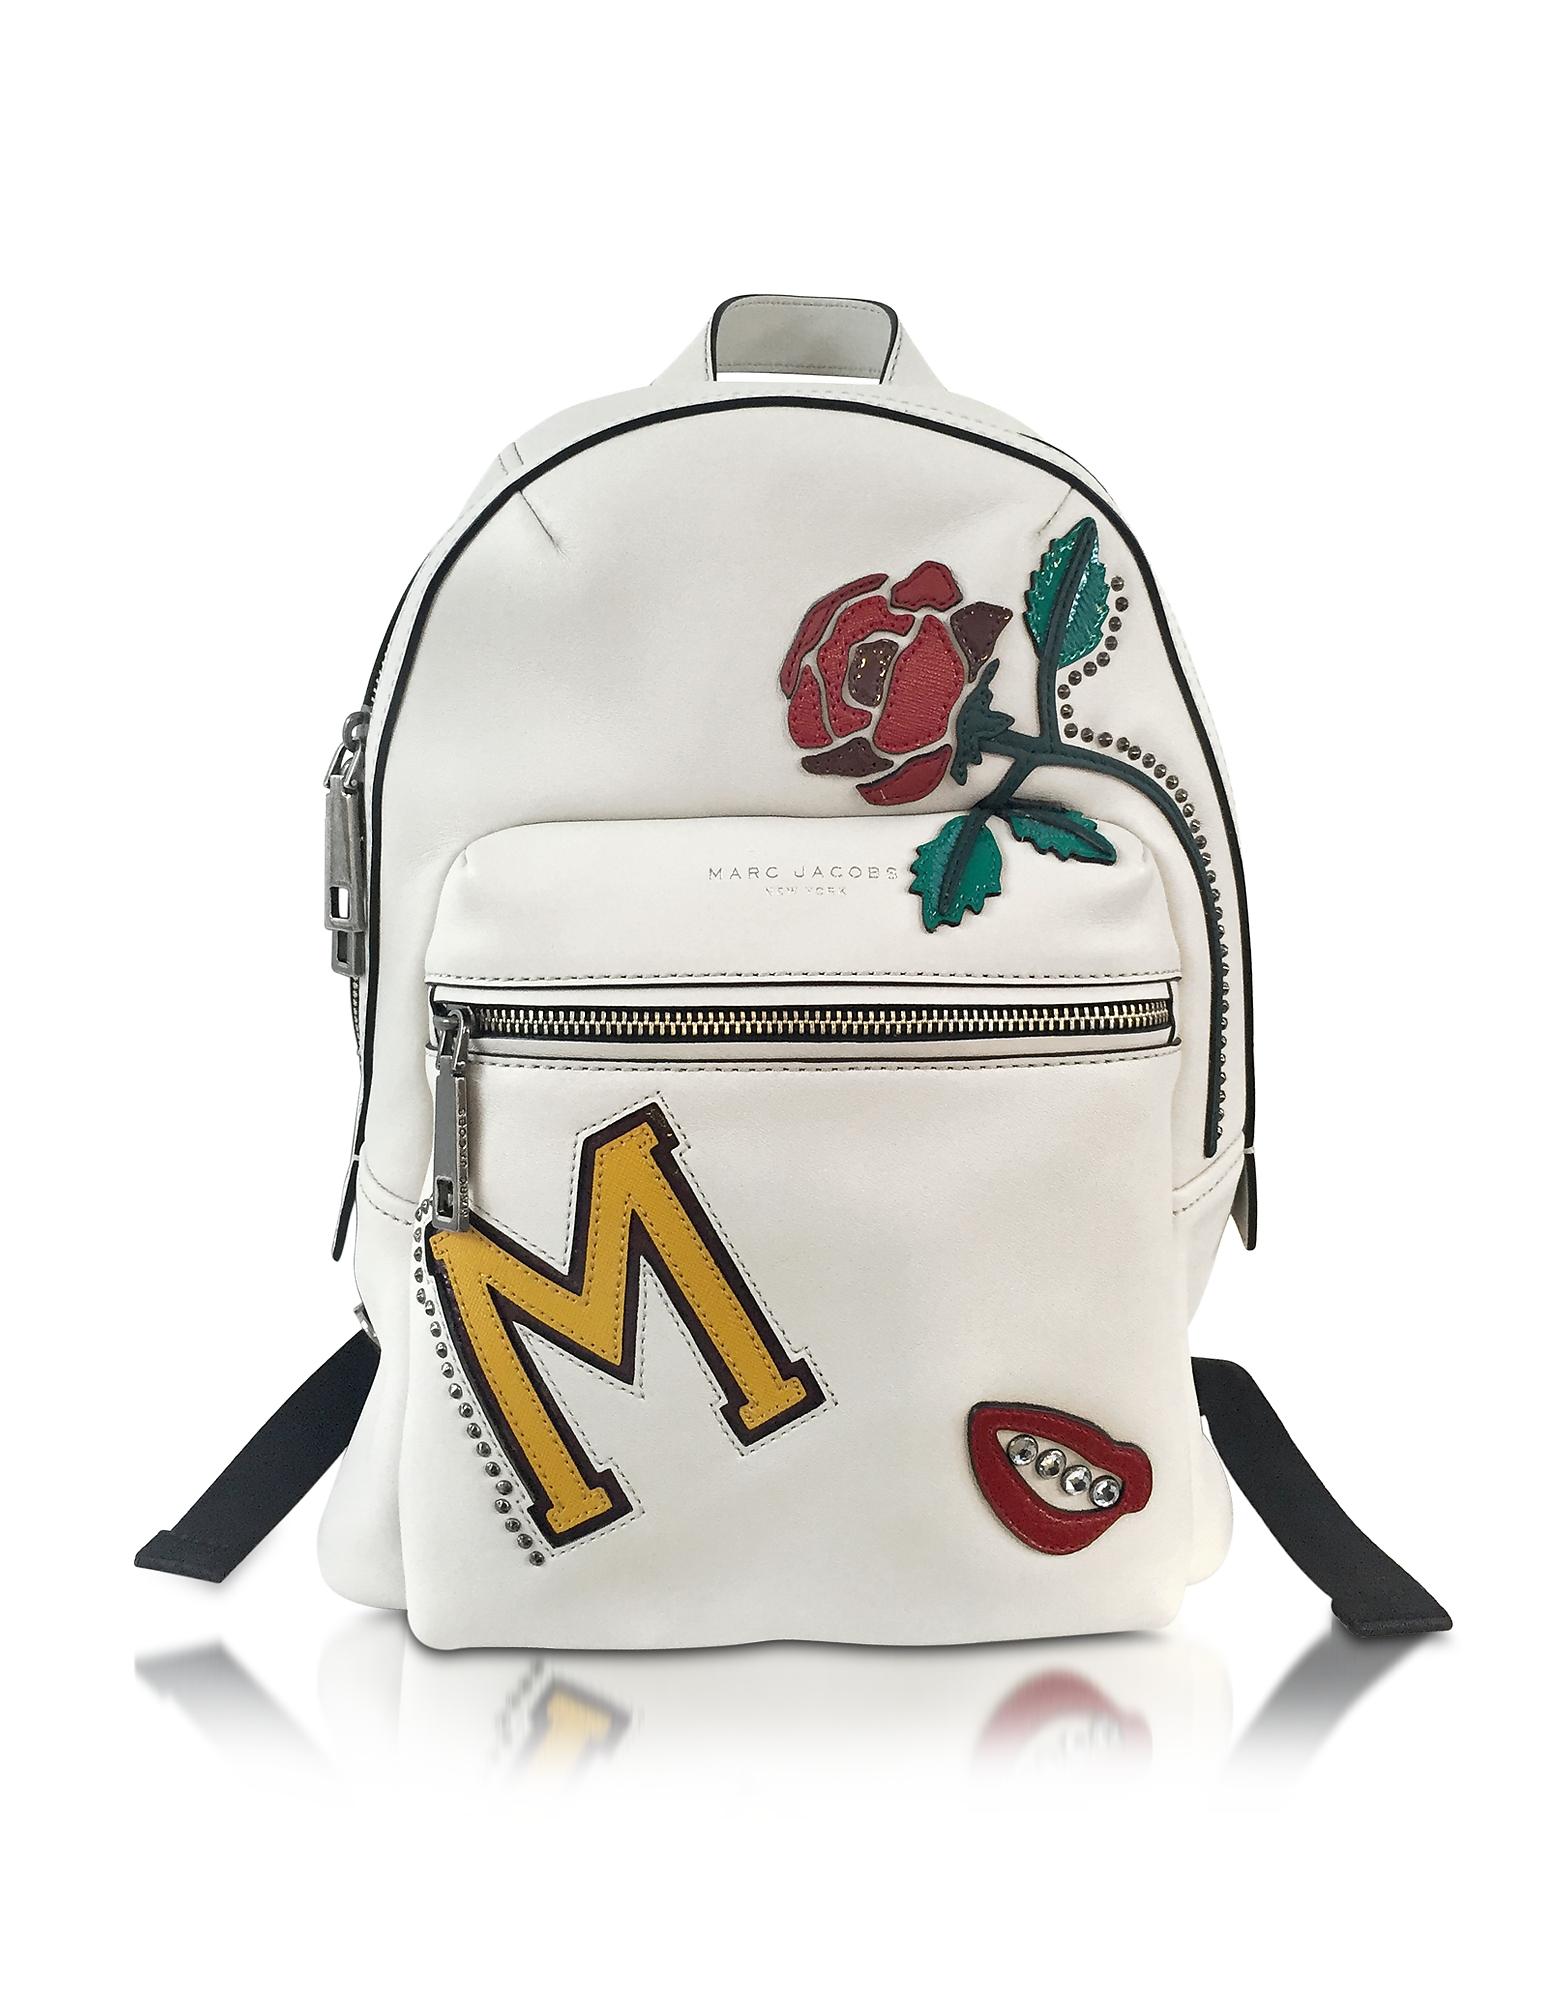 Marc Jacobs MJ Collage - Байкерский Кожаный Рюкзак с Множеством Нашивок